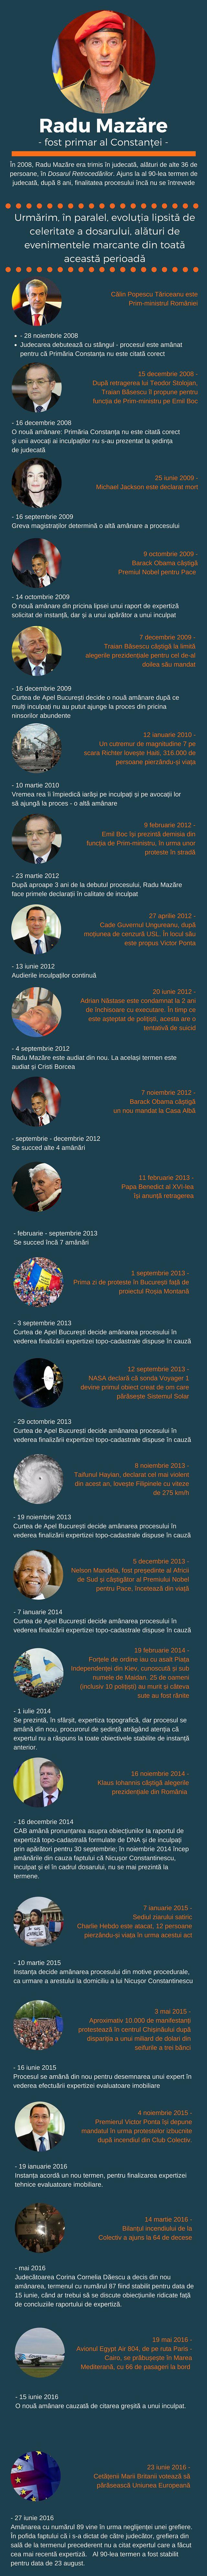 infografie-radu-mazare-update